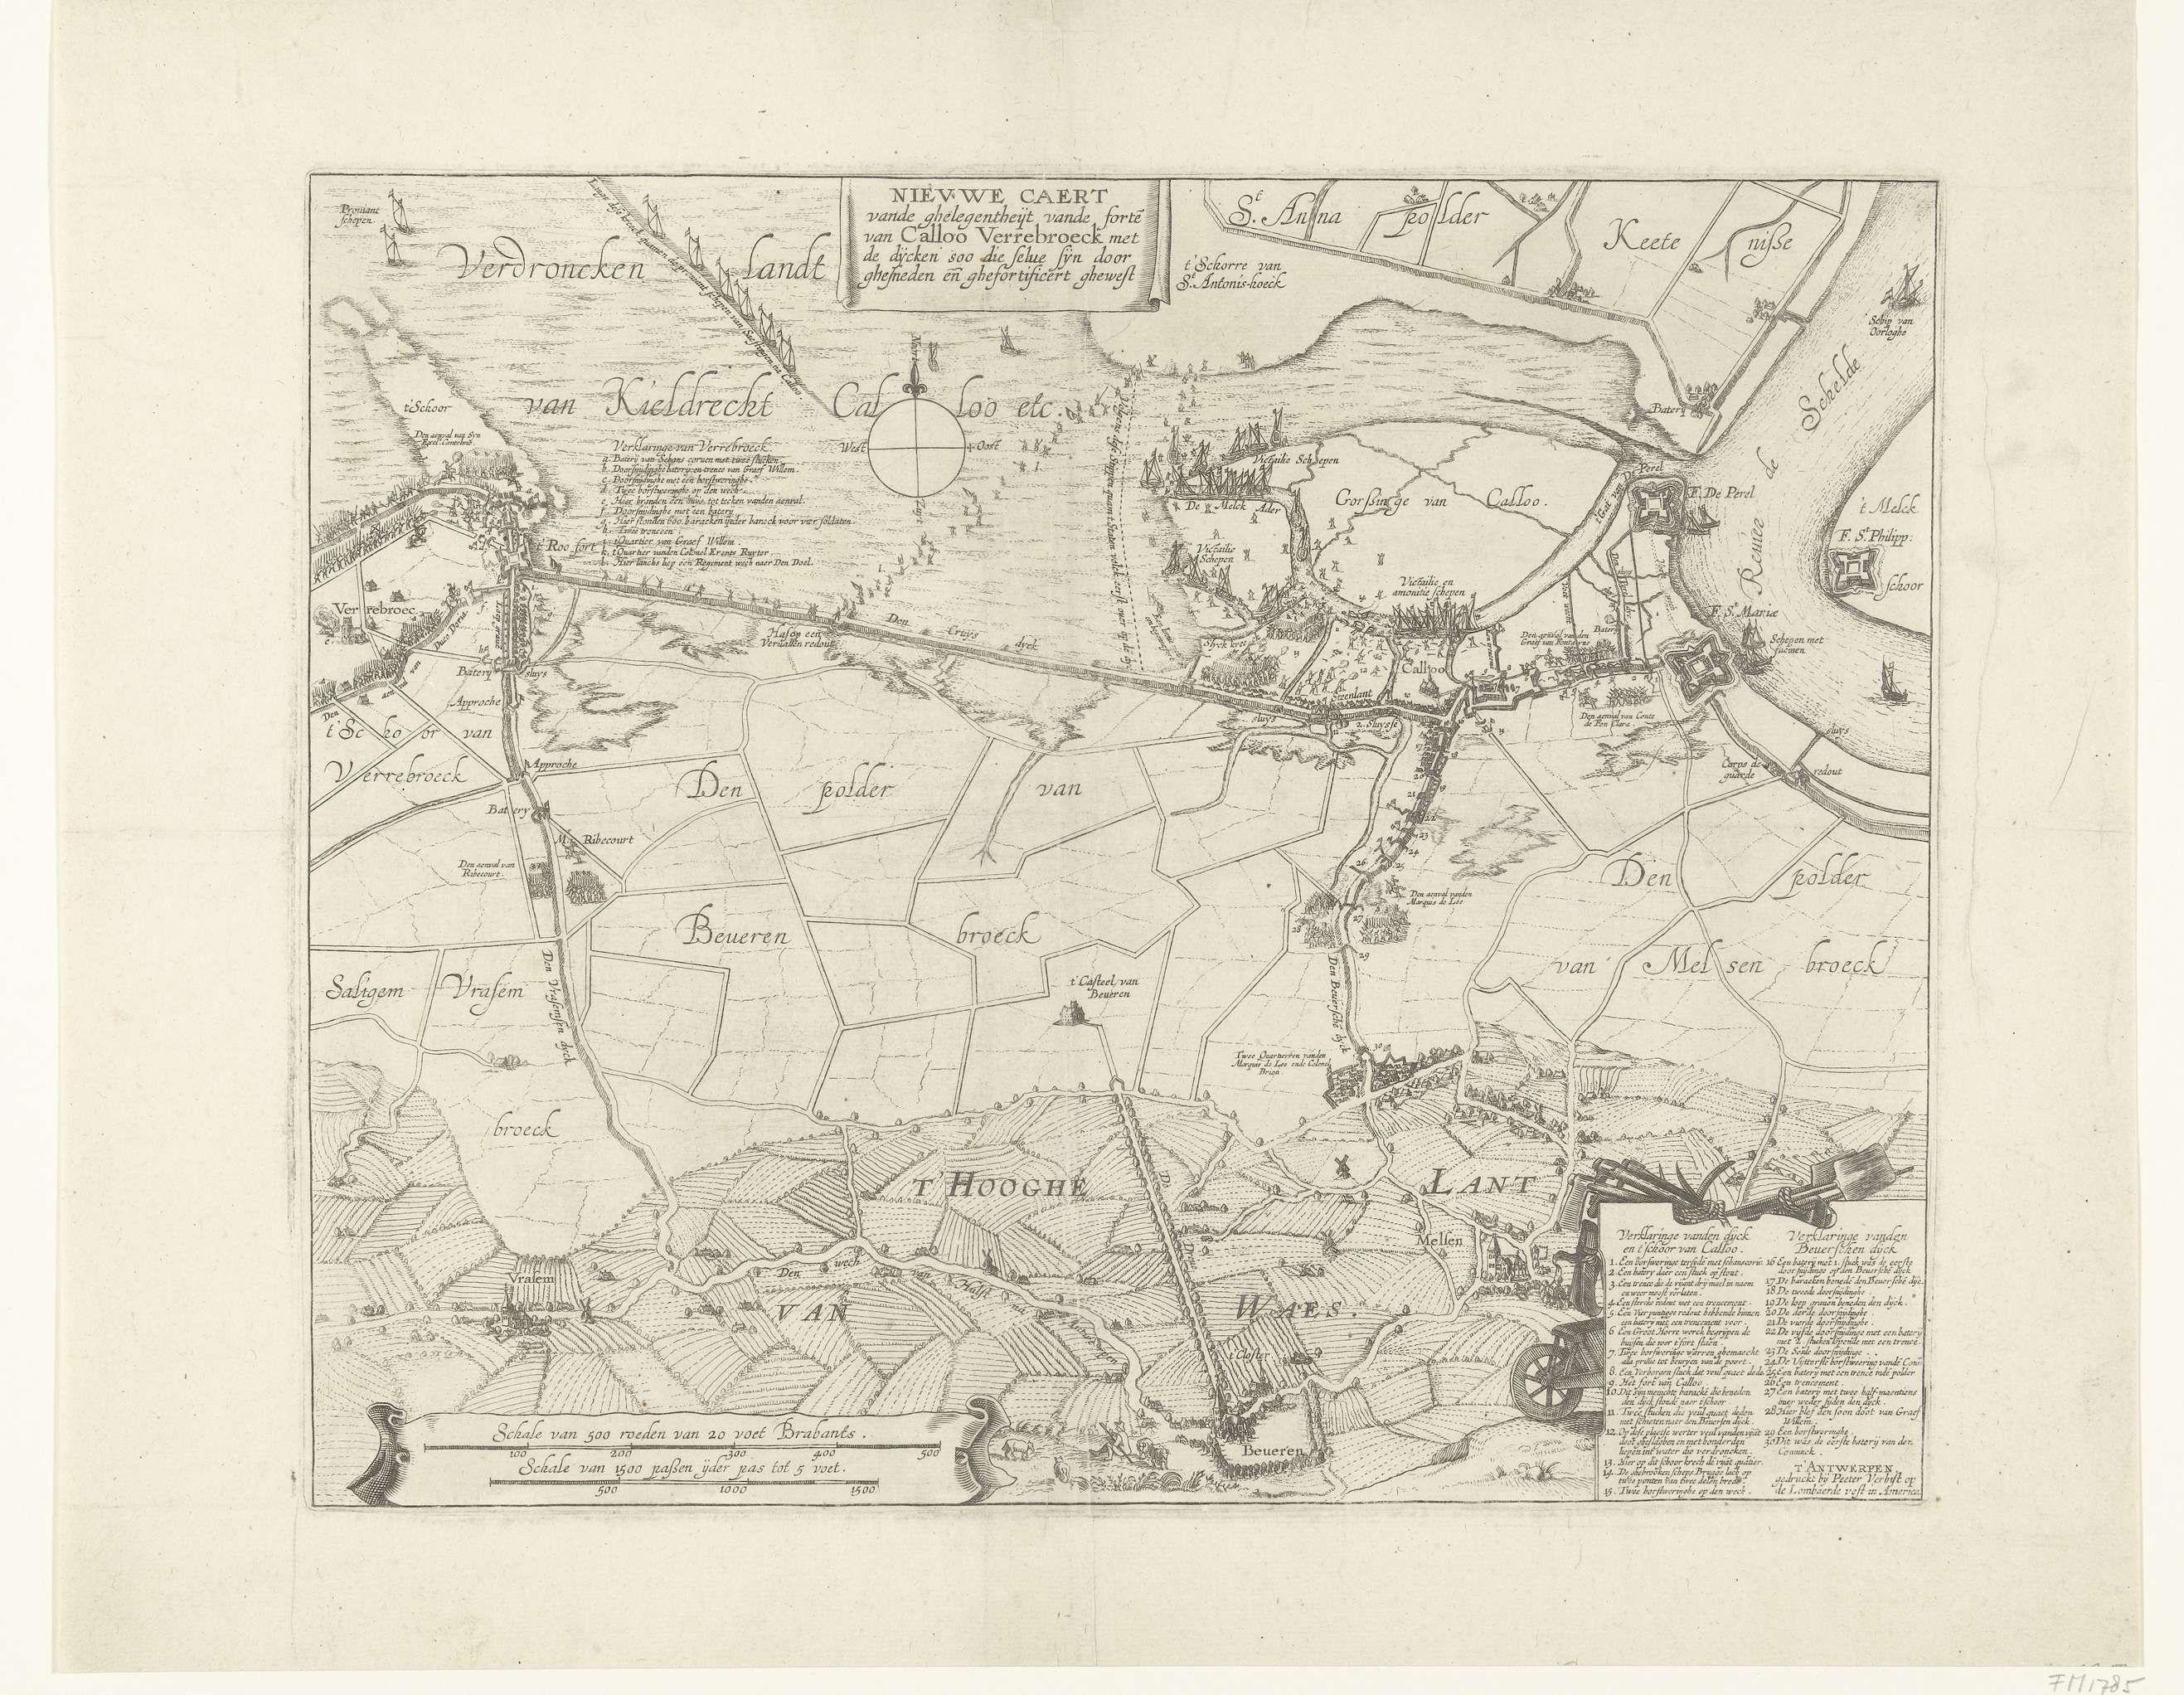 Anonymous | Kaart met de mislukte aanval op fort Kallo, 1638, Anonymous, Pieter Verbiest (II), 1638 | Kaart van het verdronken land tussen de forten Kallo en Verrebroek met de mislukte aanval door het Staatse leger onder Willem, graaf van Nassau-Siegen, op fort Kallo, 21 juni 1638. Rechtsonder een cartouche met de legenda 1-30; linksboven bij Verrebroek de legenda a-l.